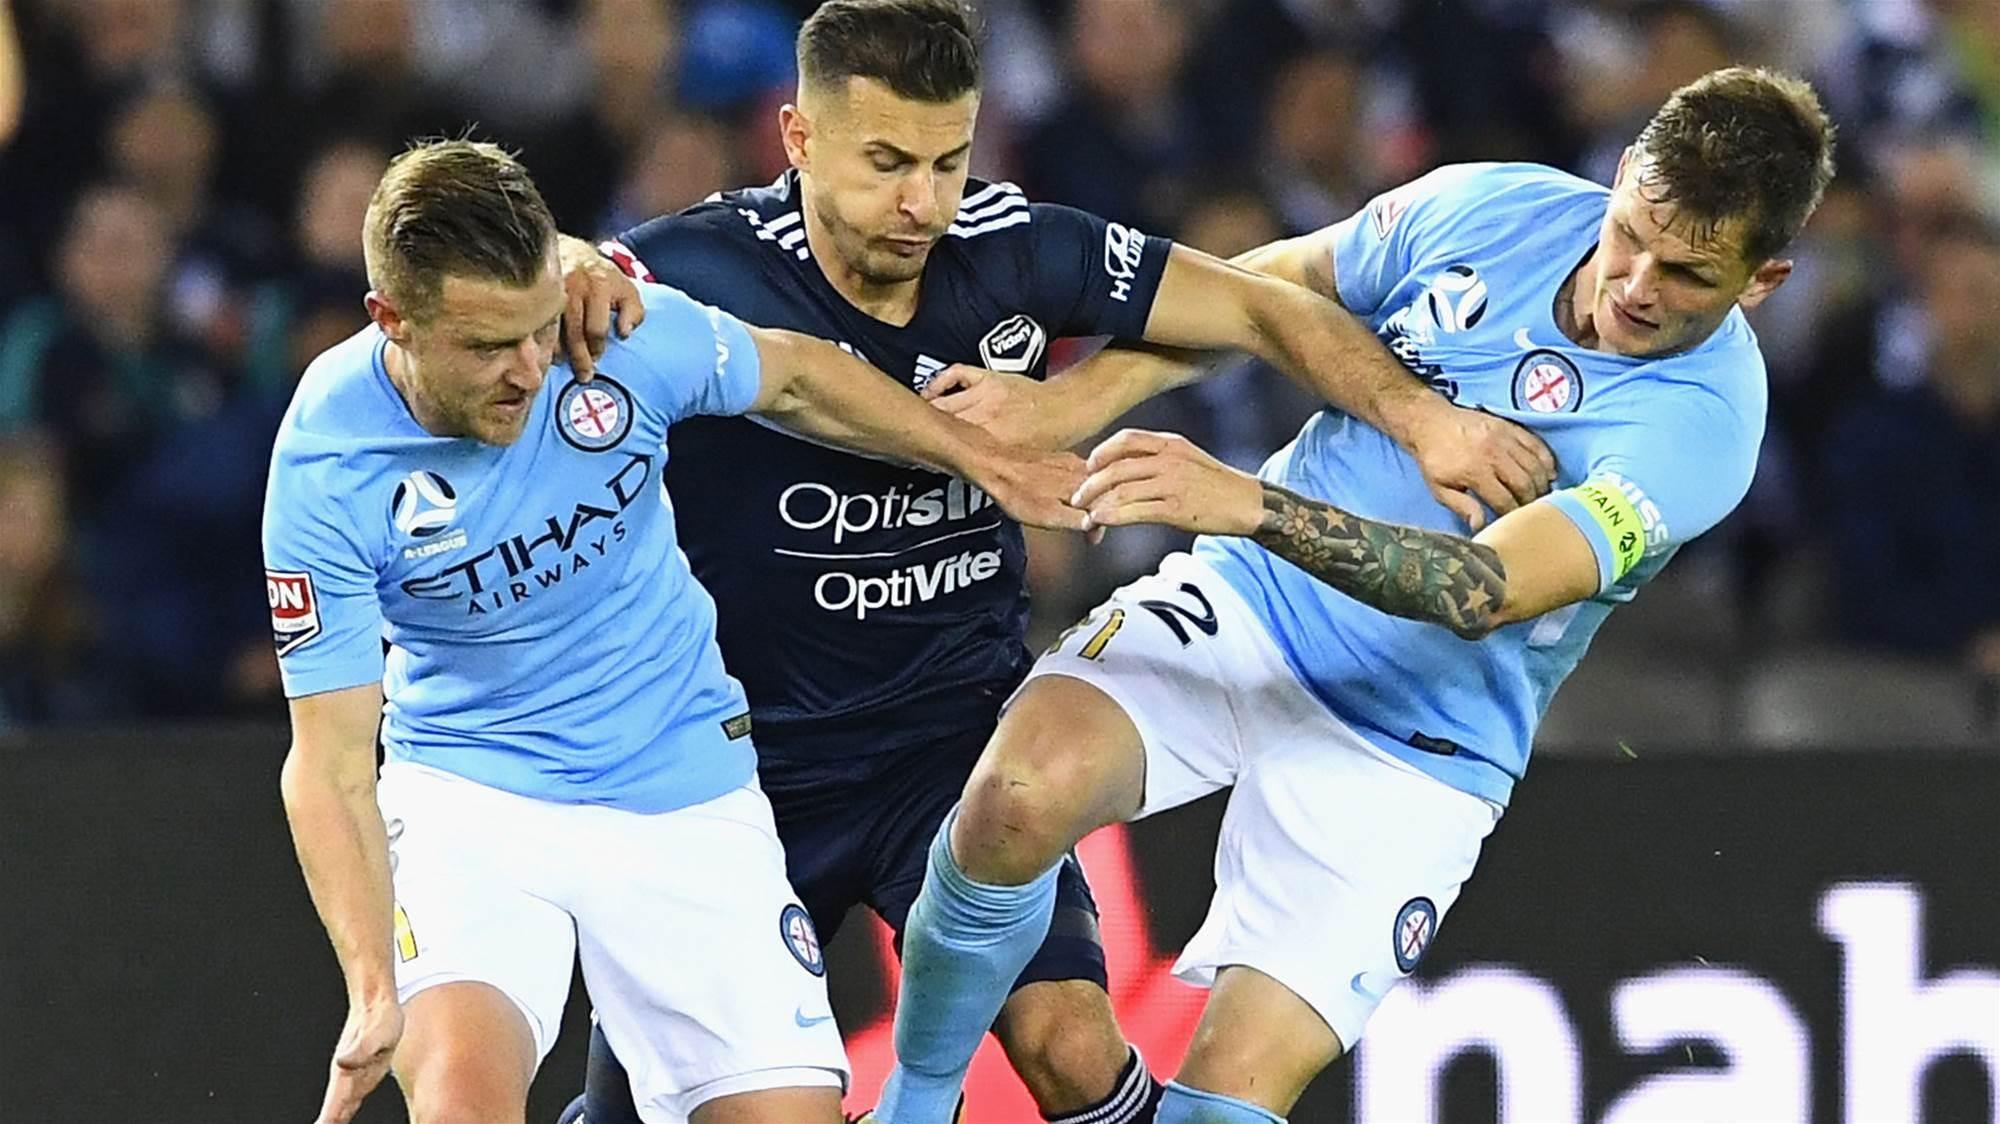 Match analysis: Melbourne derby